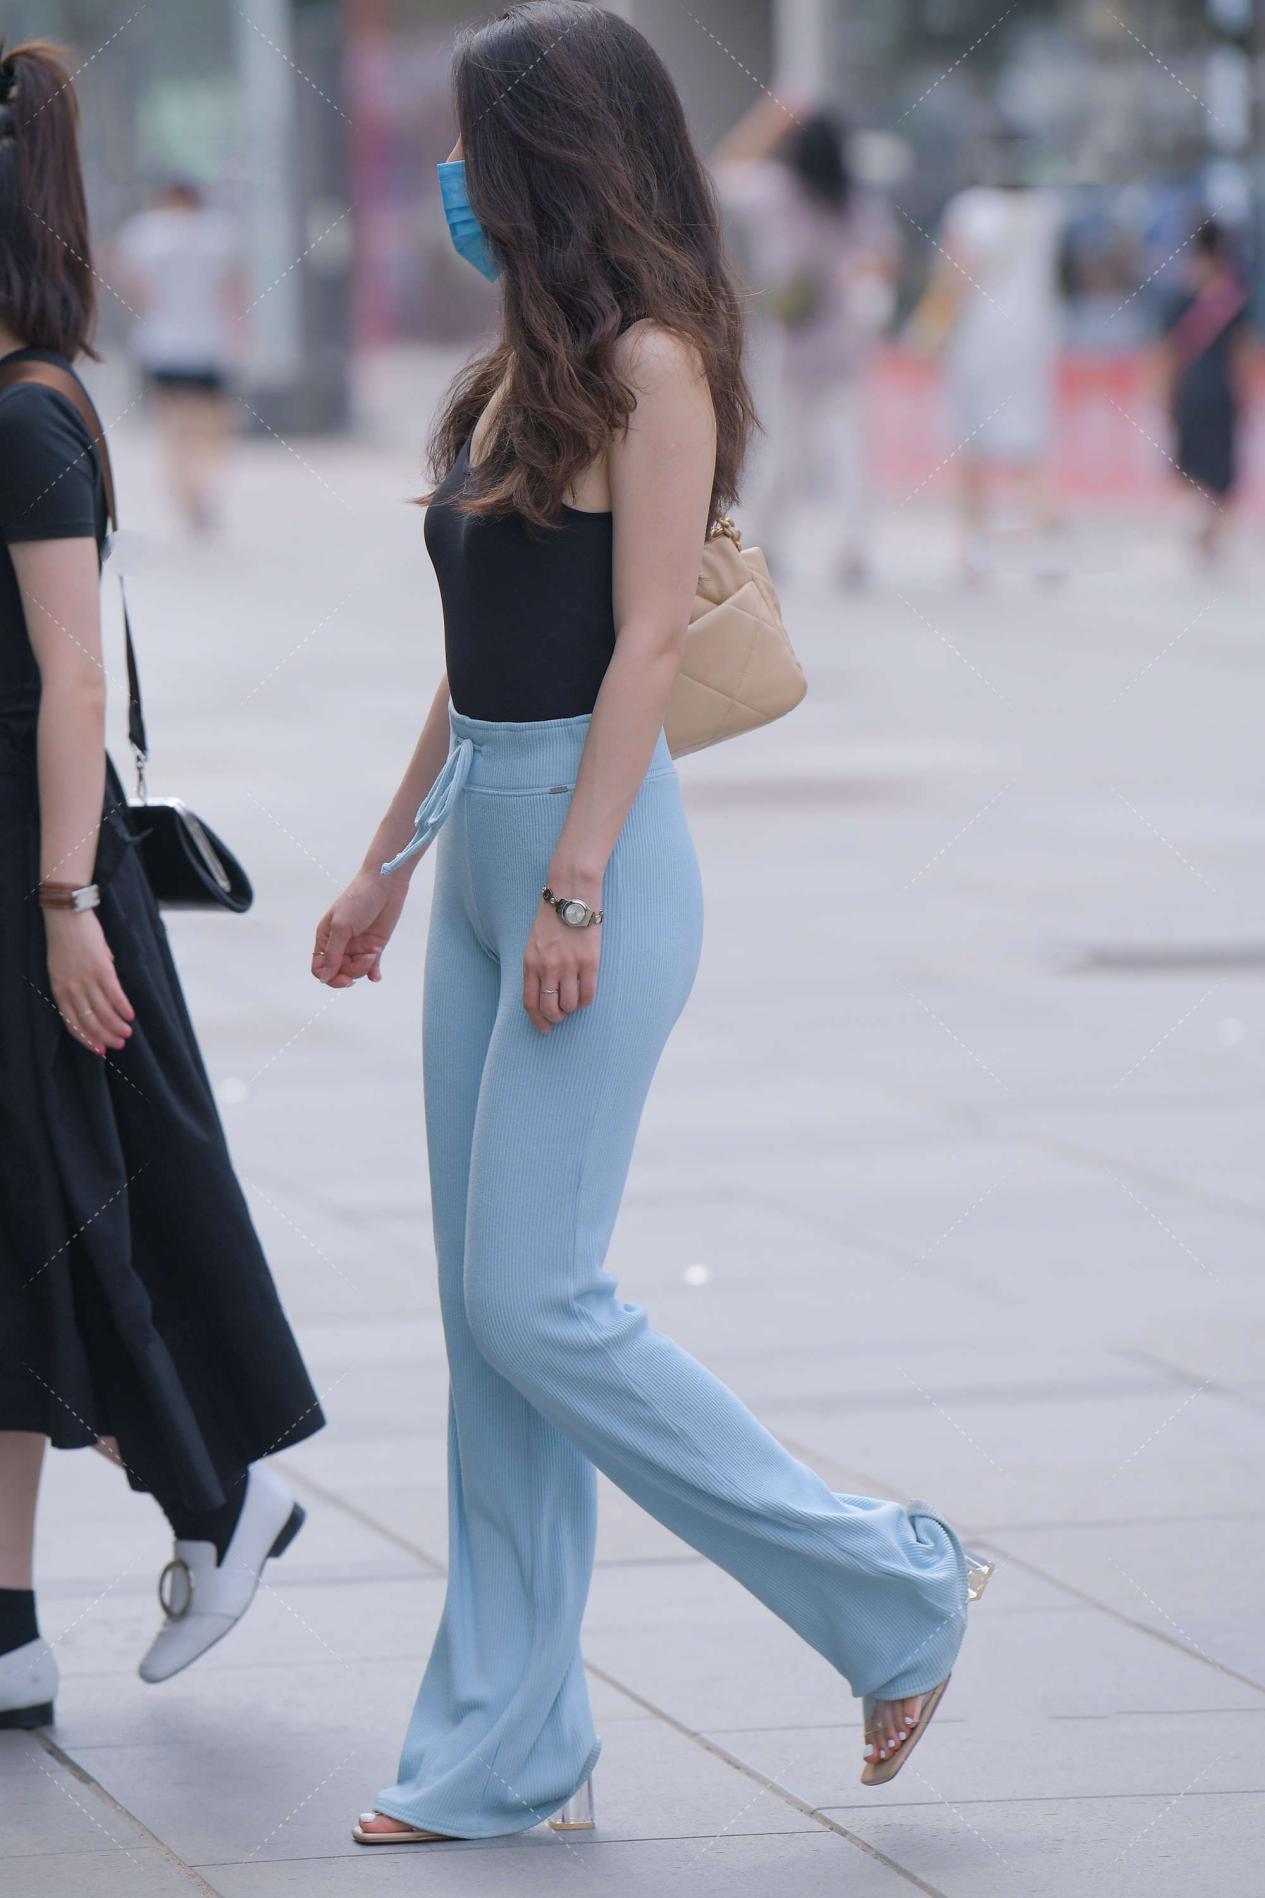 丝绒阔腿裤,色泽丰富质感高级,随便一搭就能彰显独特时尚感